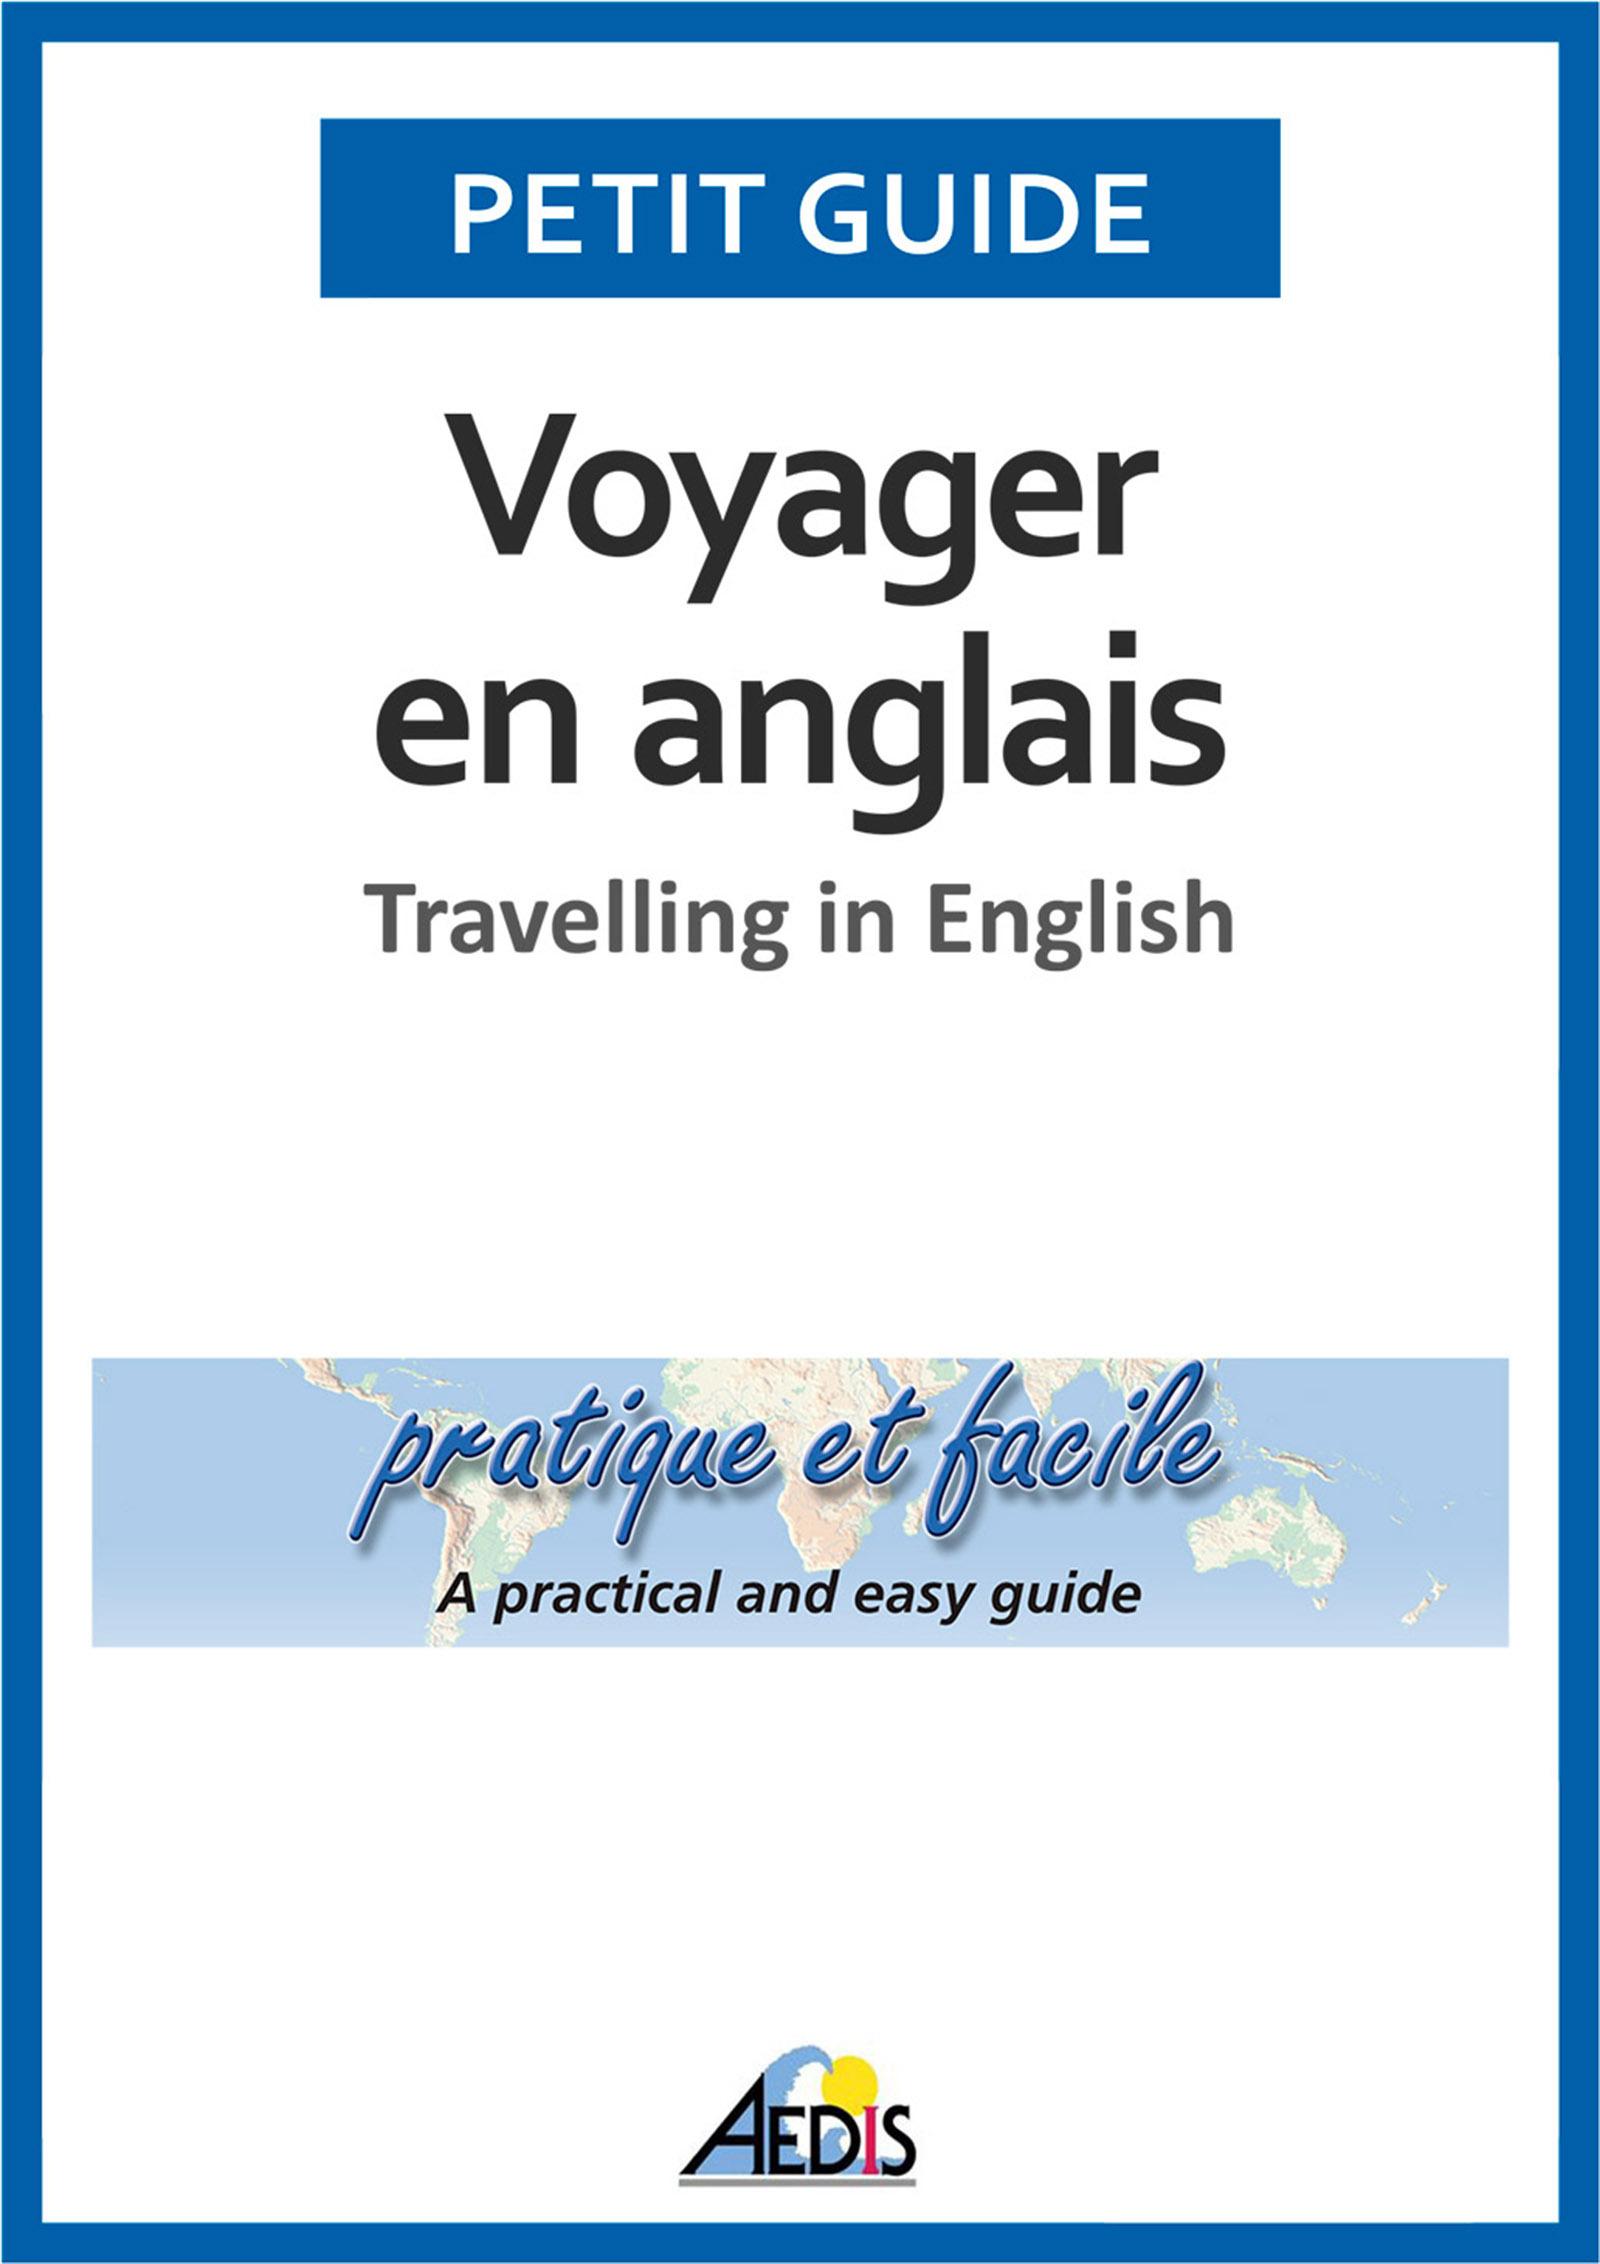 Voyager en anglais